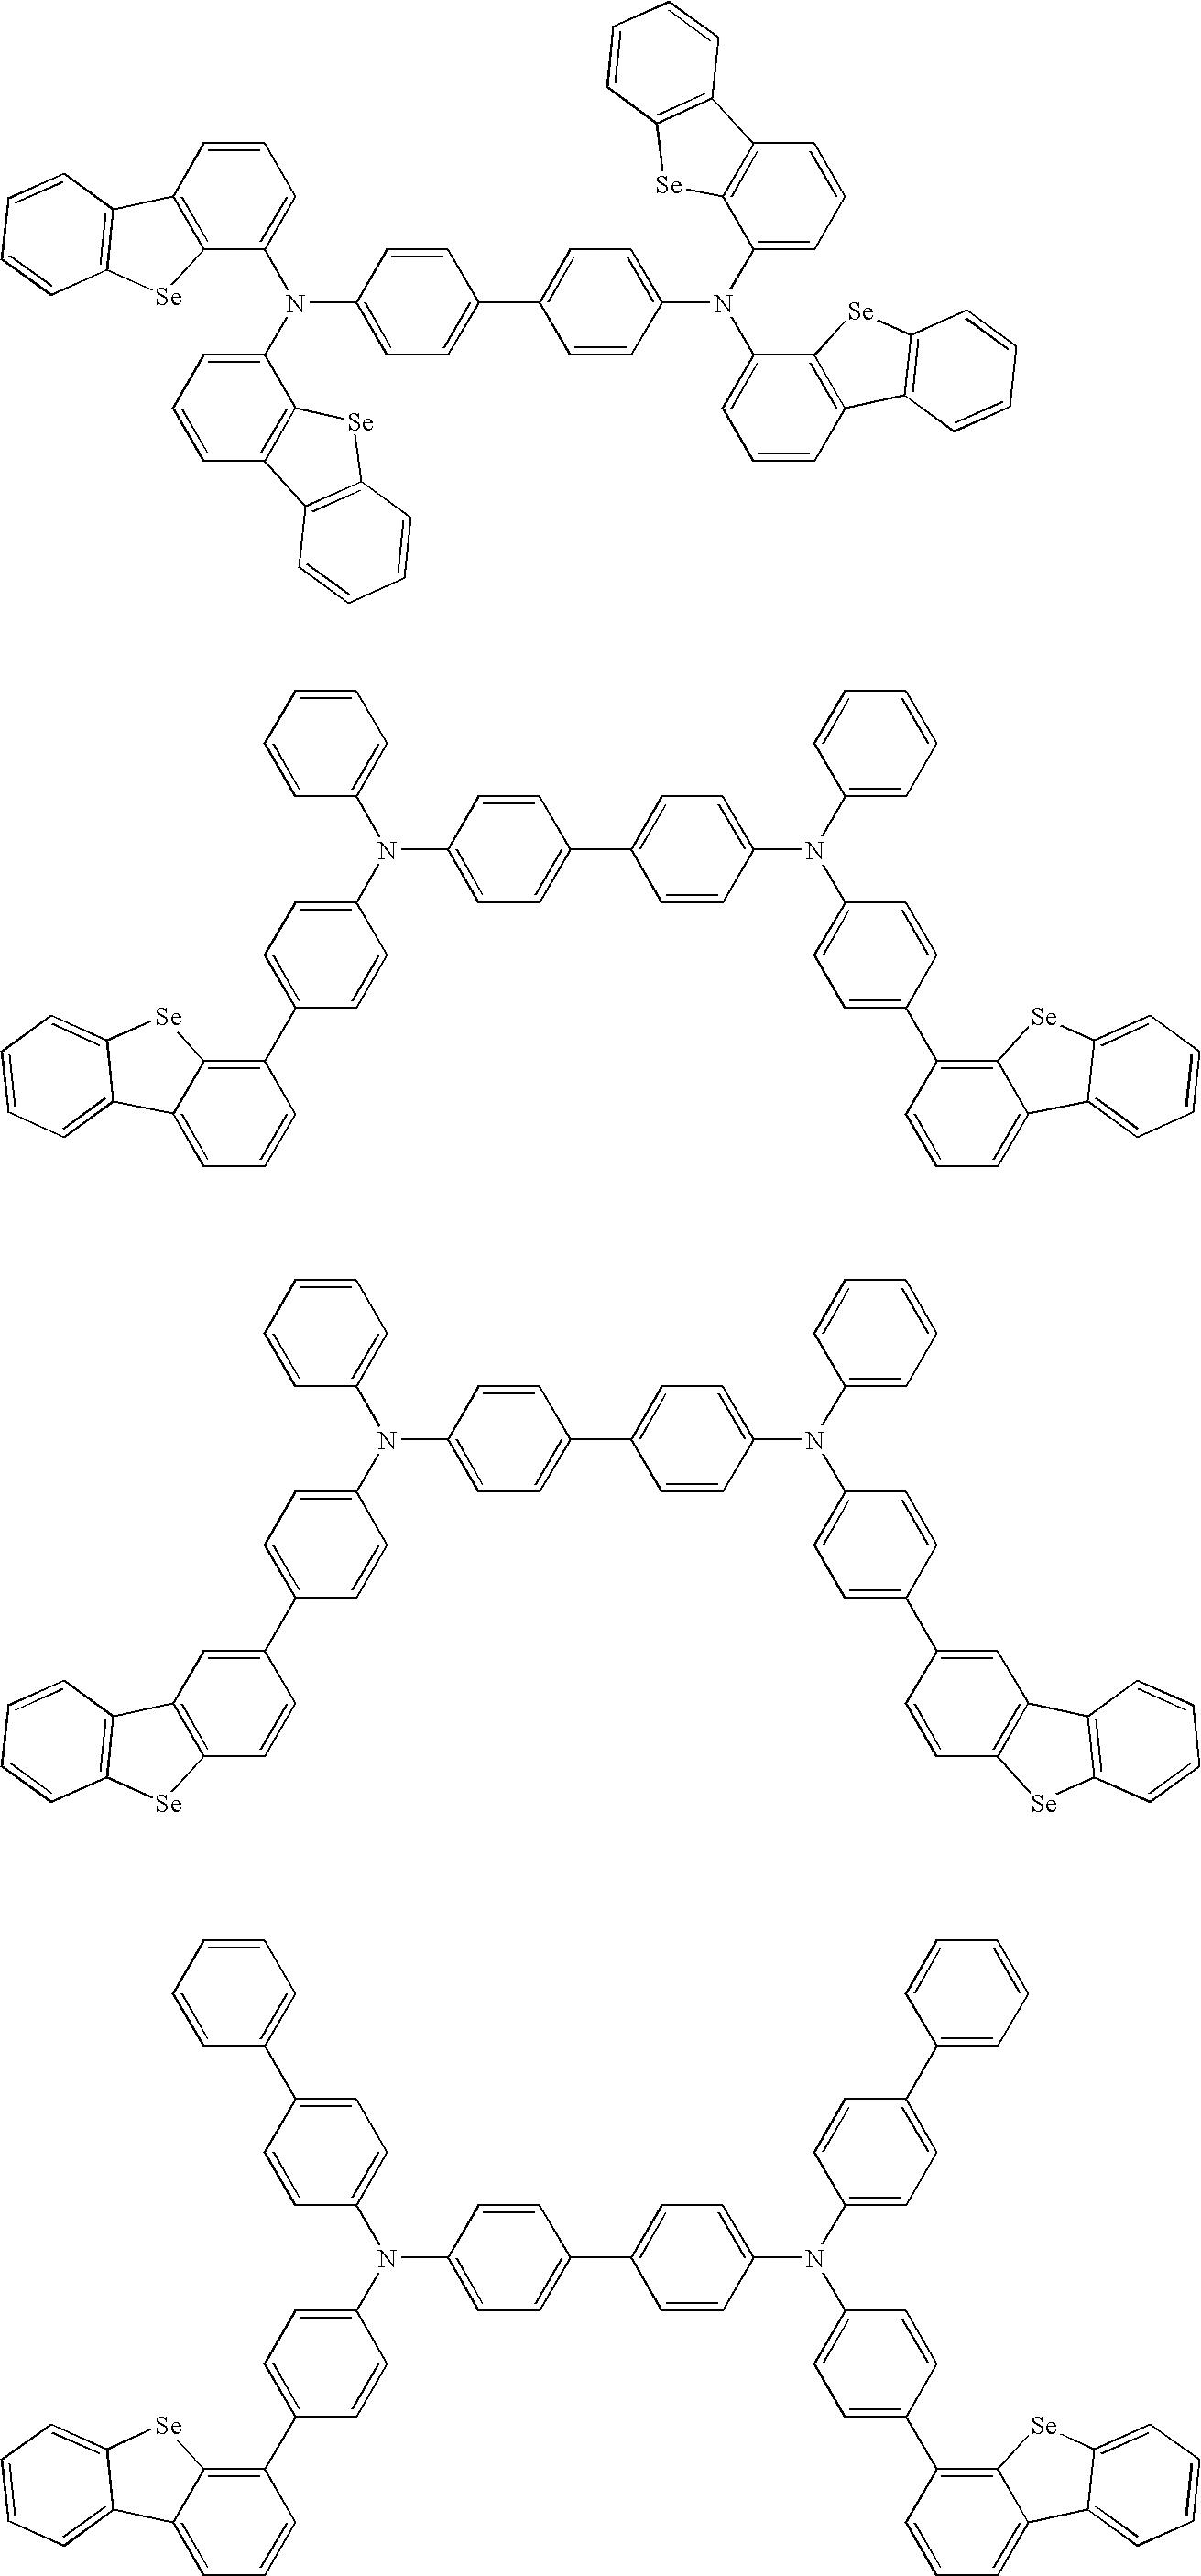 Figure US20100072887A1-20100325-C00202